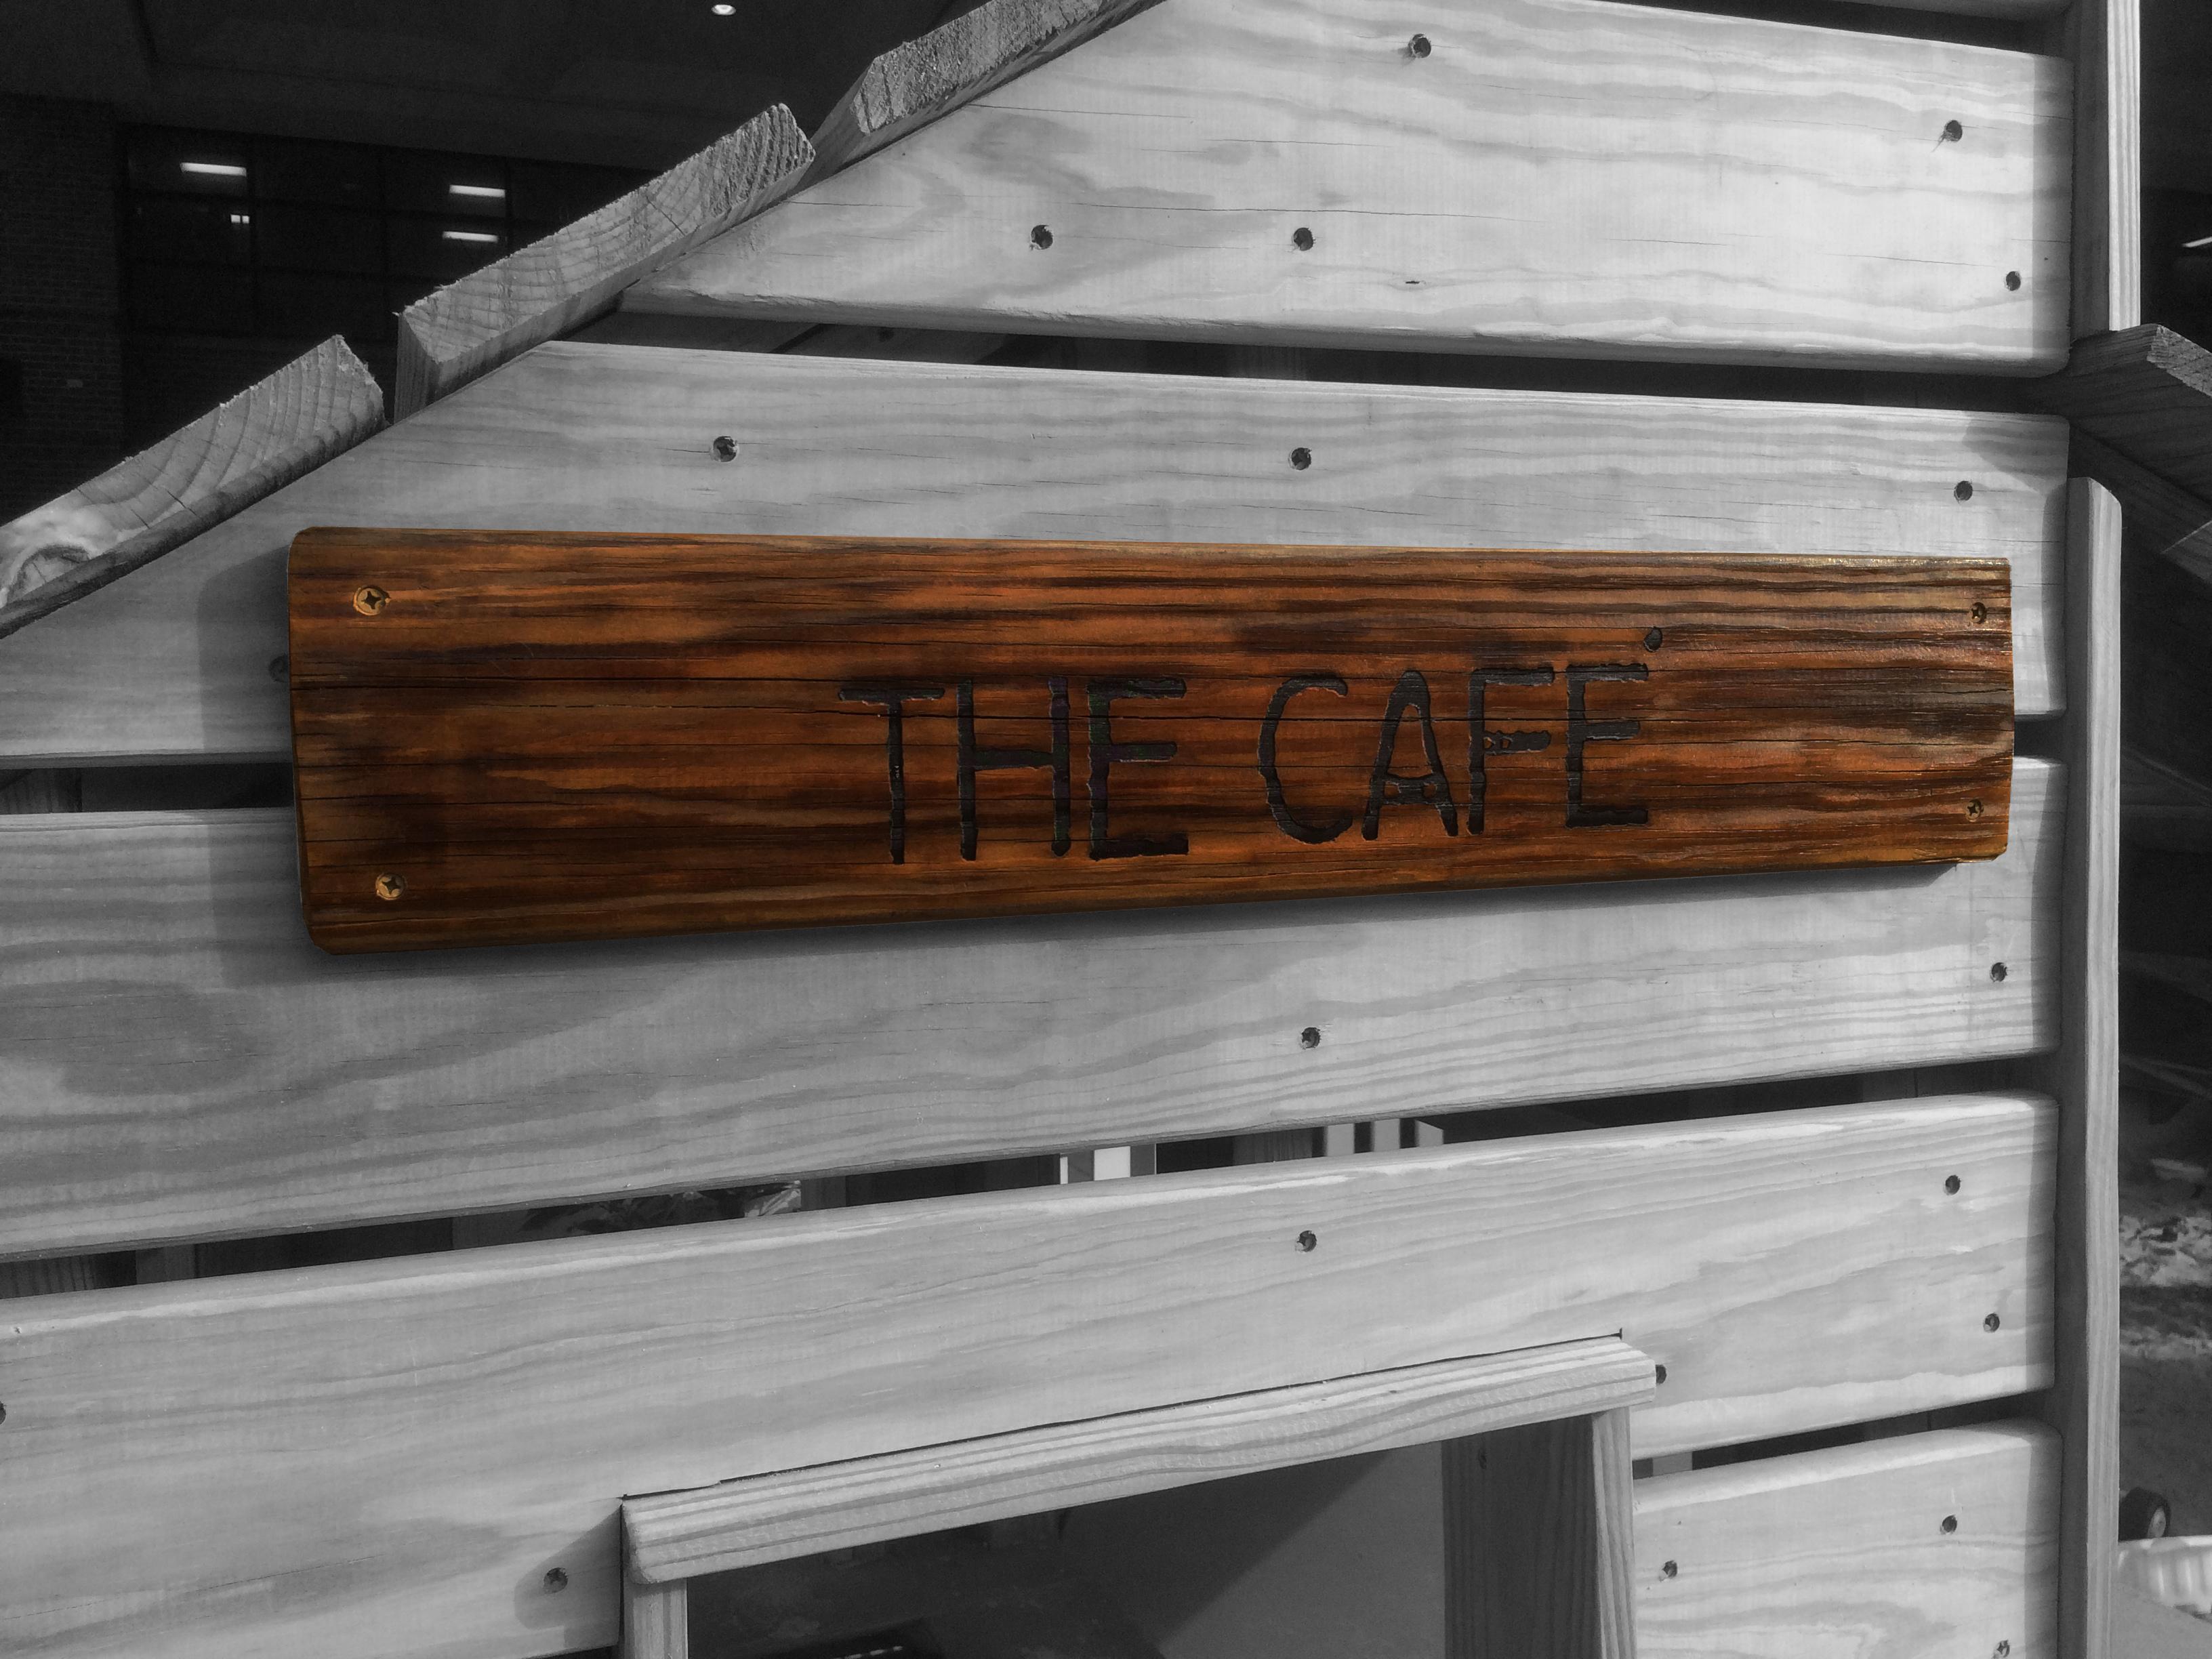 Exterior Signage - The Café